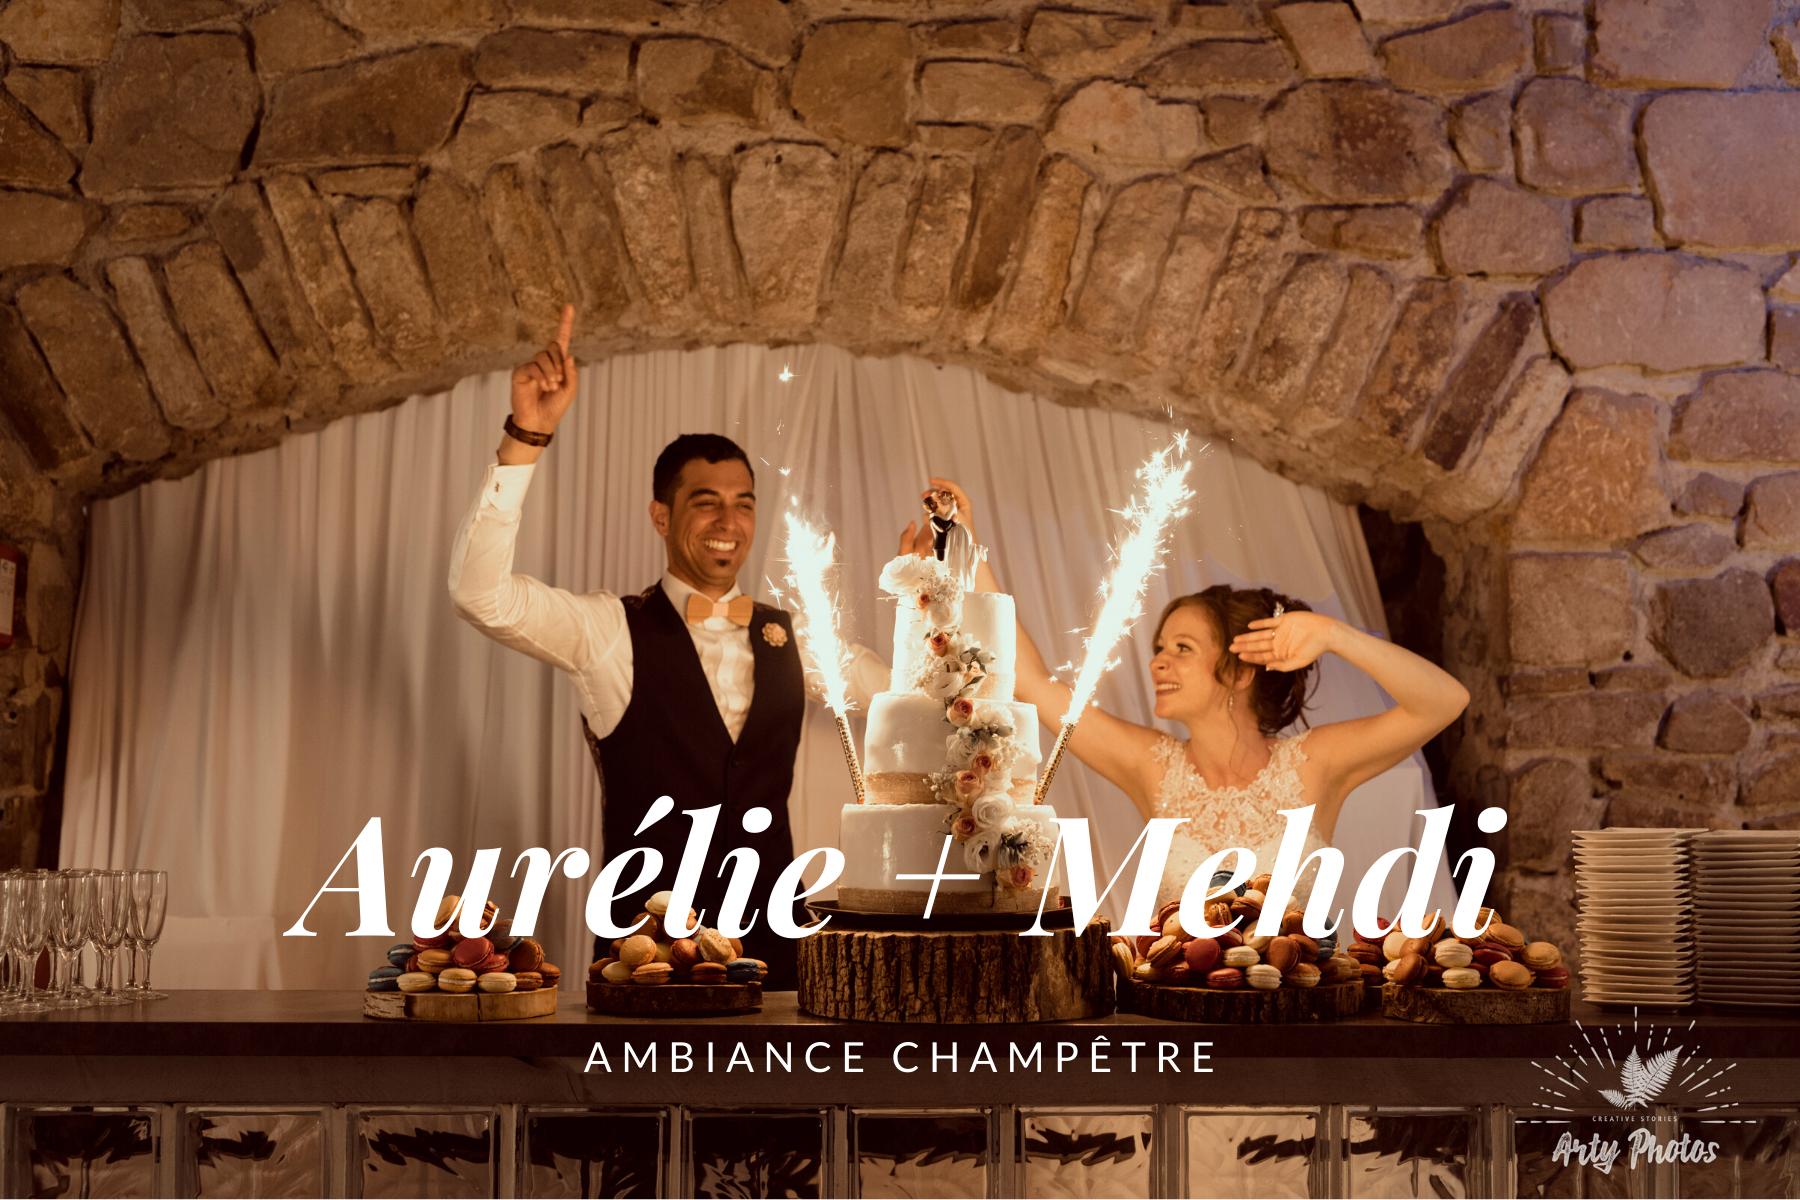 Organisation de mariage champêtre au Domaine de la Tour - Hera Mariage Wedding Planner - Auvergne - Puy de Dôme - Clermont-Ferrand - Allier - Haute-Loire - Cantal